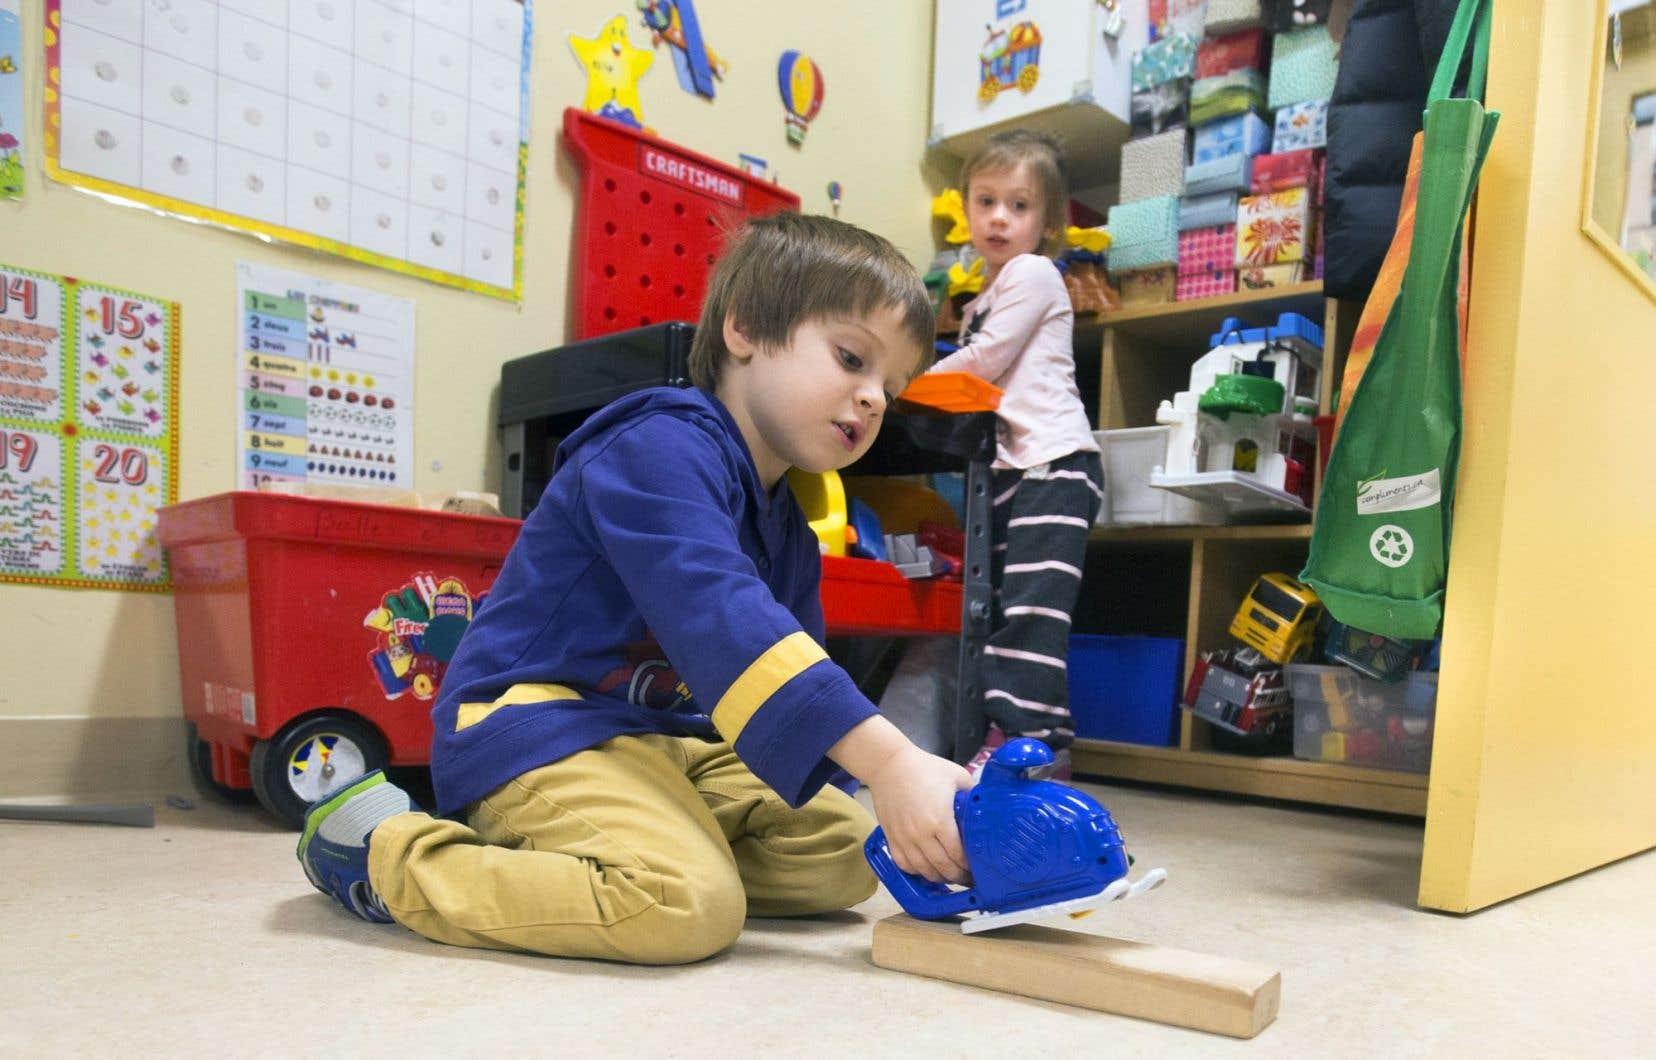 L'Association des garderies non subventionnées en installation réclame plus d'argent, notamment pour bonifier la formation des éducatrices.